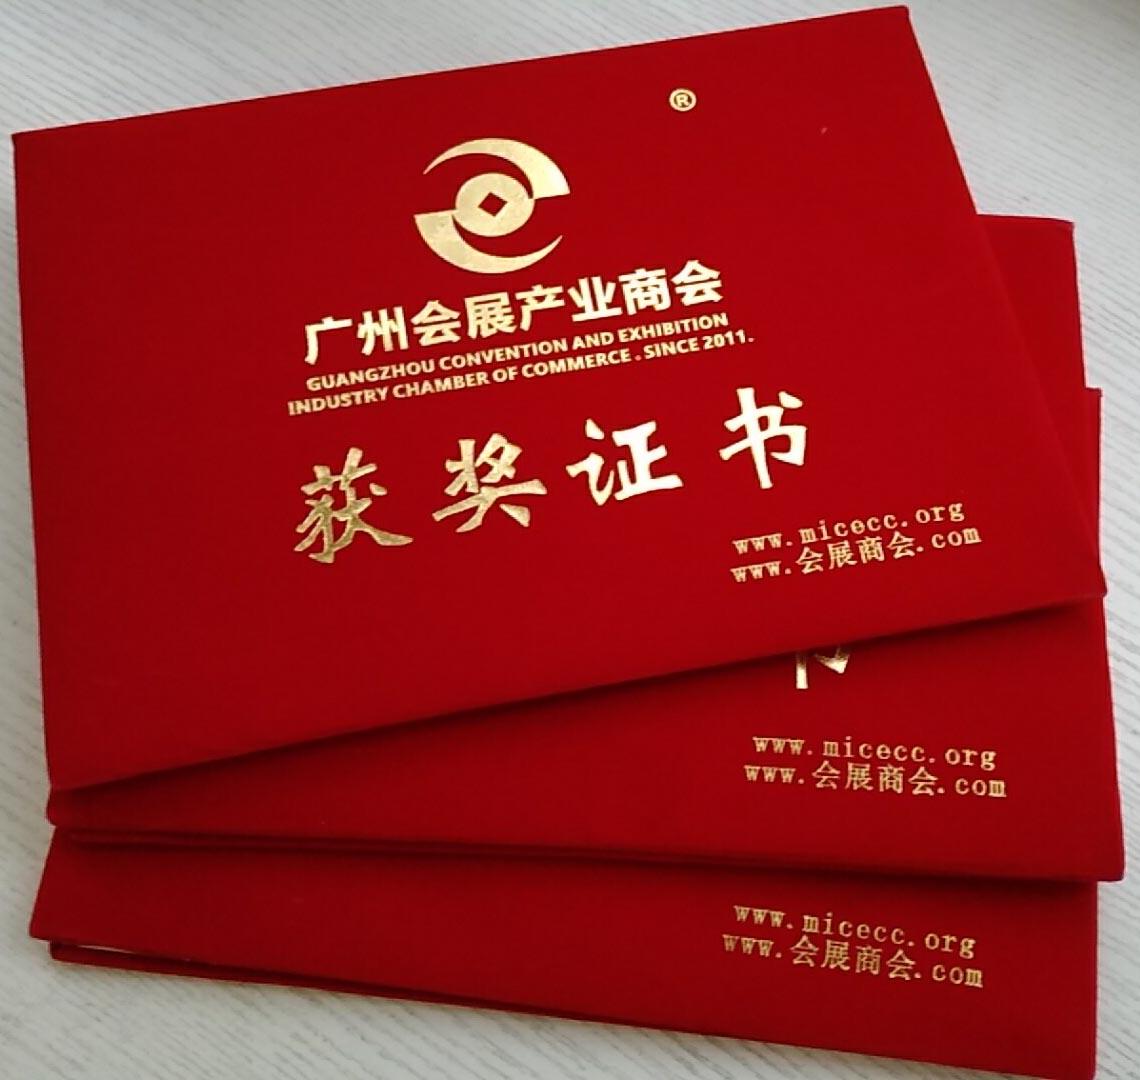 大黄蜂-2019第二届会展(广州)设计周--第七届会展(广州)原创作品大赛